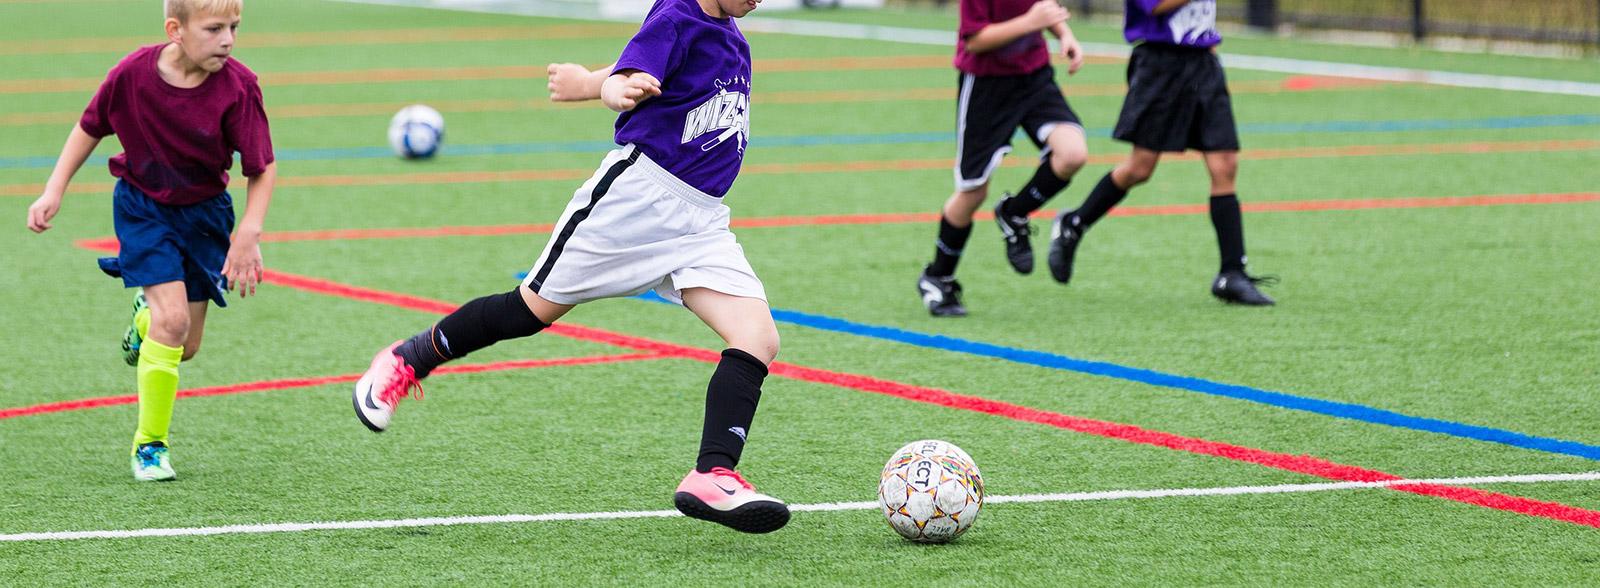 soccer-3023031